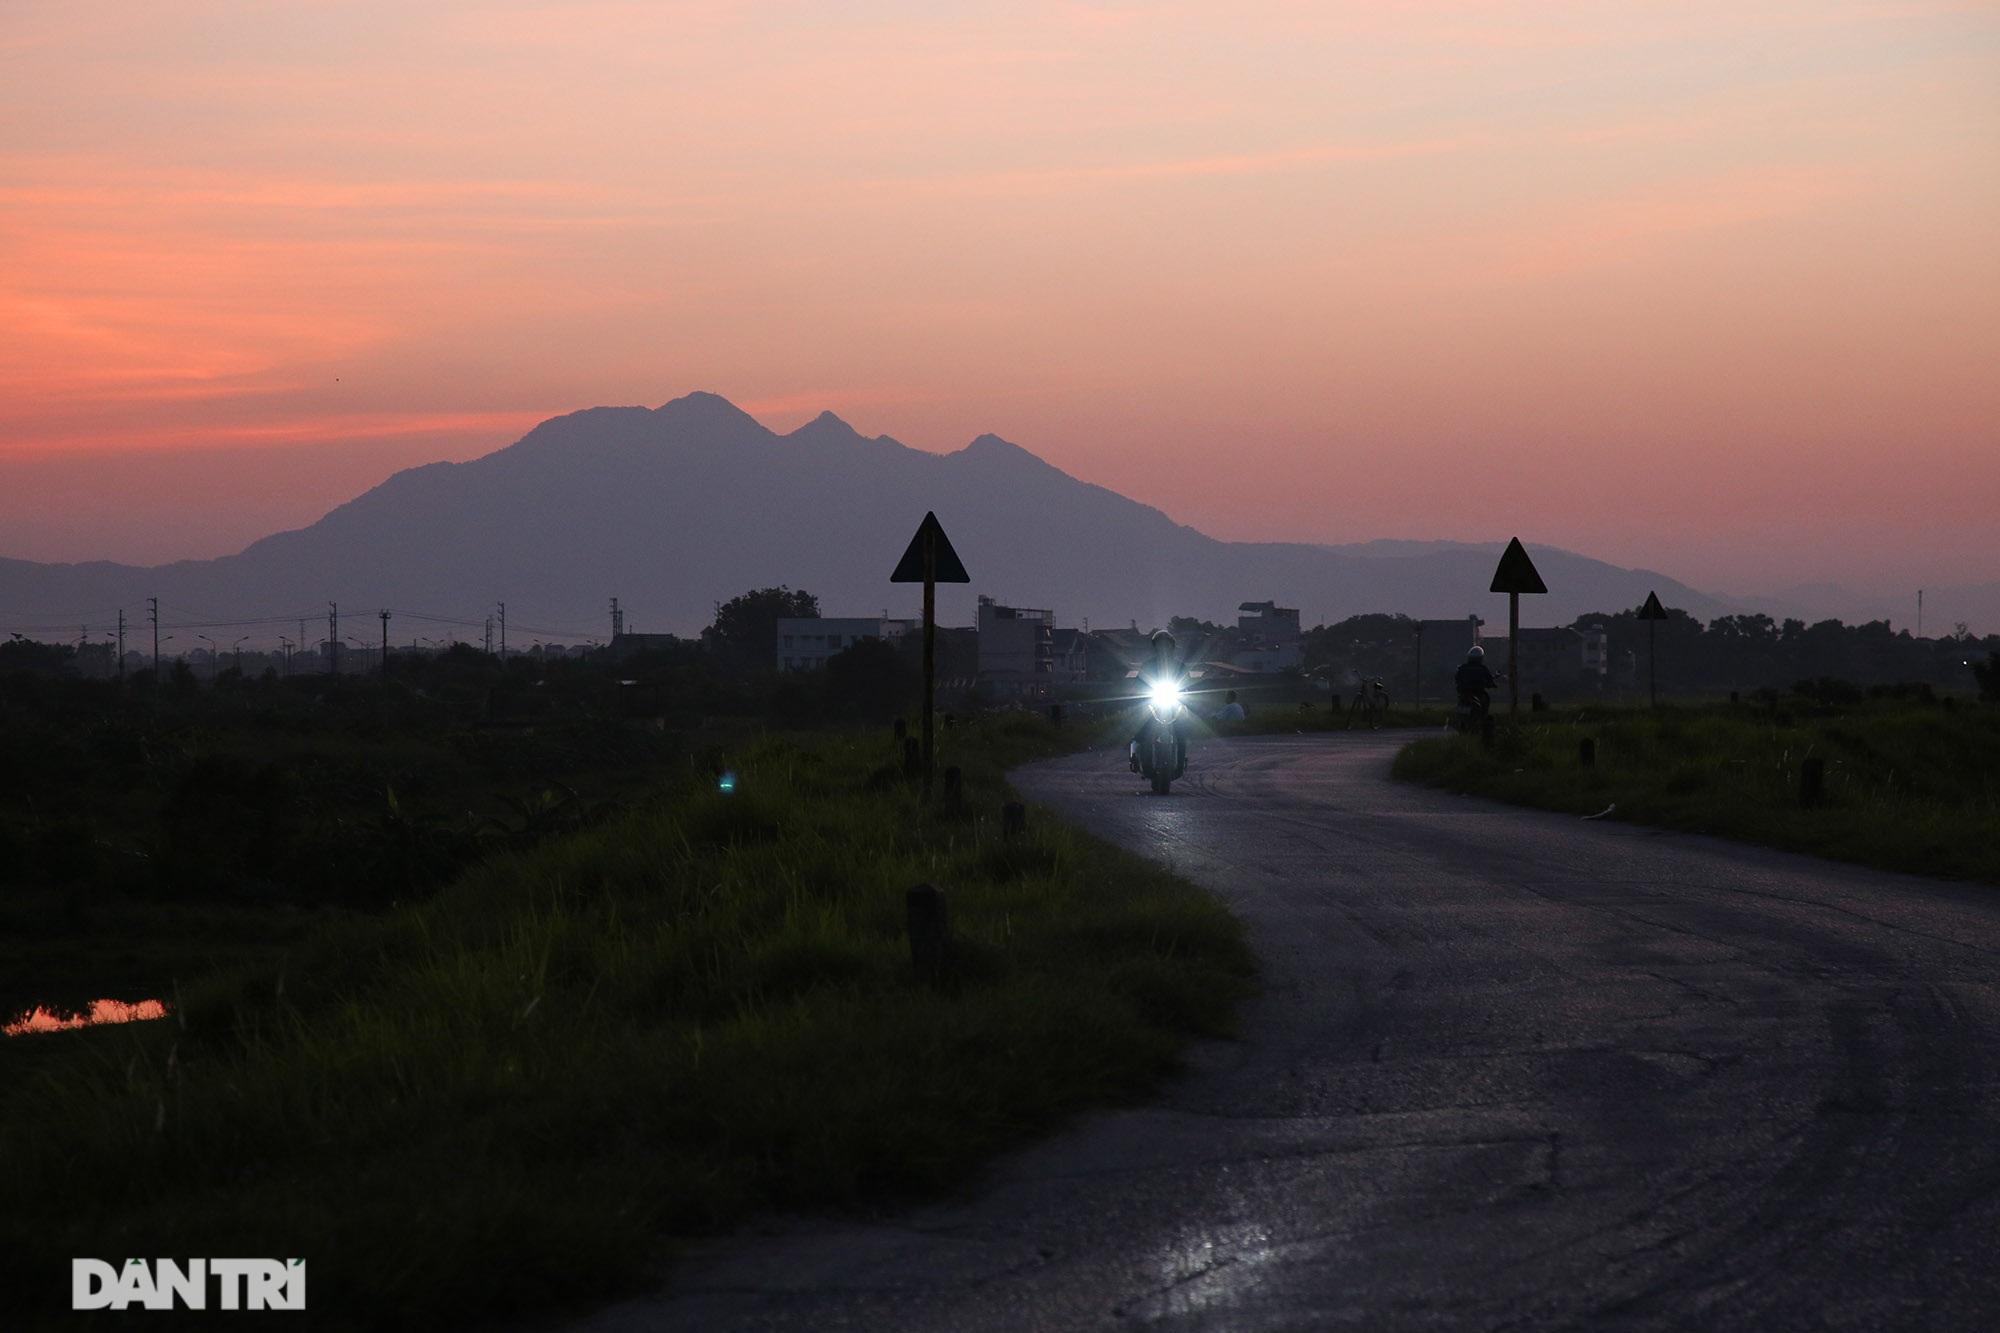 Núi thiêng gần Hà Nội đẹp mê mải nhìn từ muôn phương tám hướng - 7